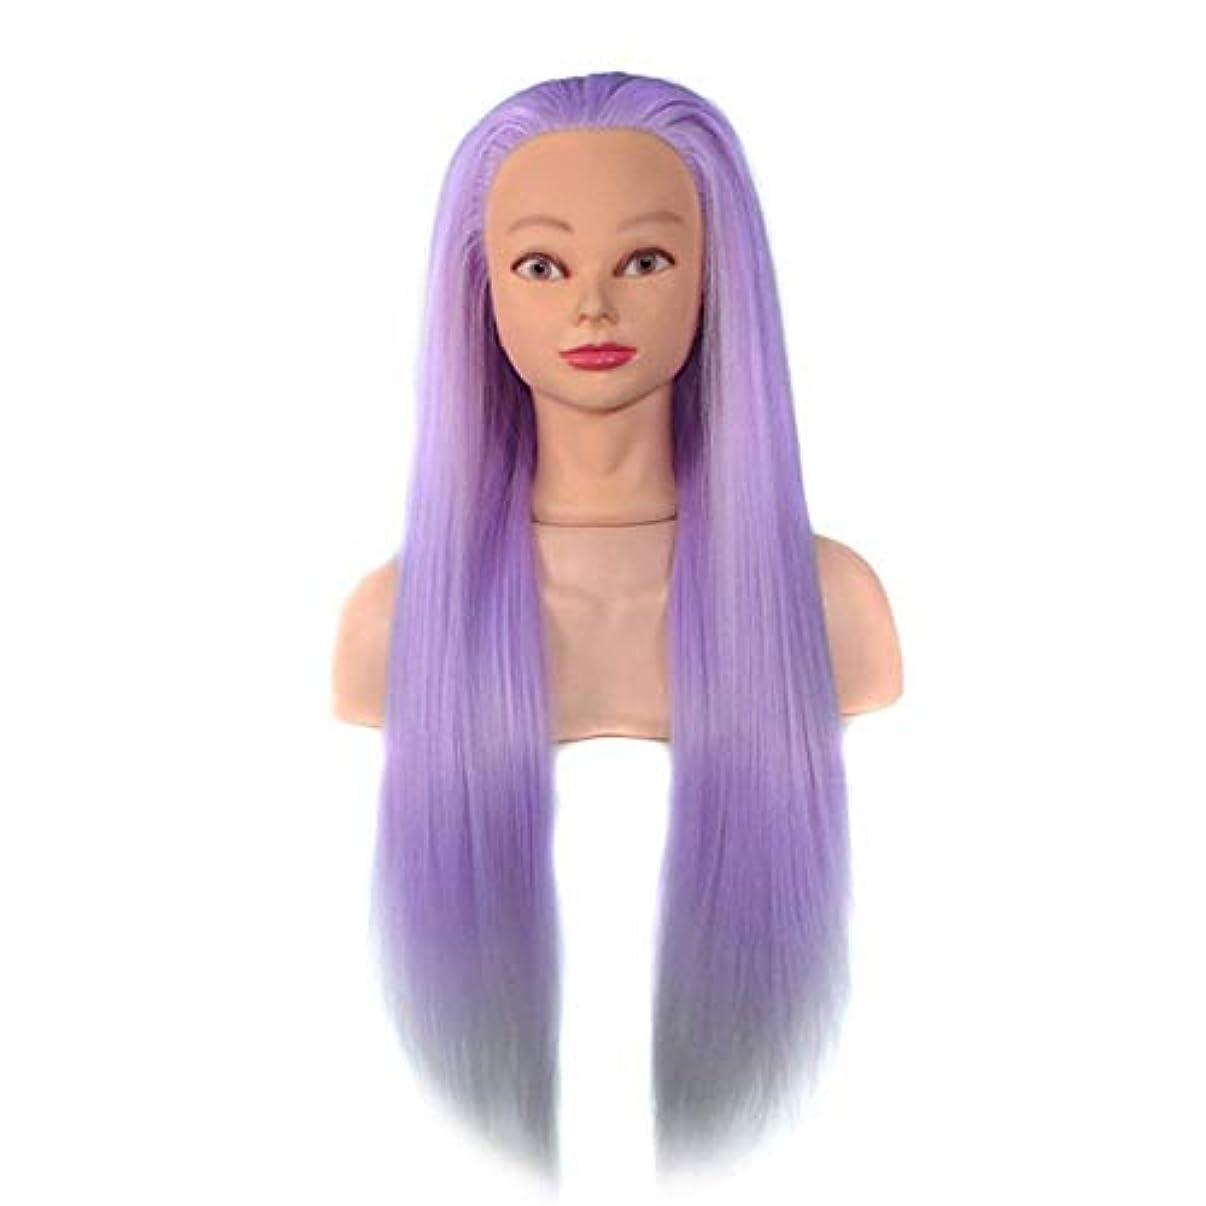 悲惨補充甘味ヘアサロンスタイリング練習ヘッドモデル美容院高温シルク花嫁編組トレーニングヘッド人体モデル人形モデル60センチ,Purple